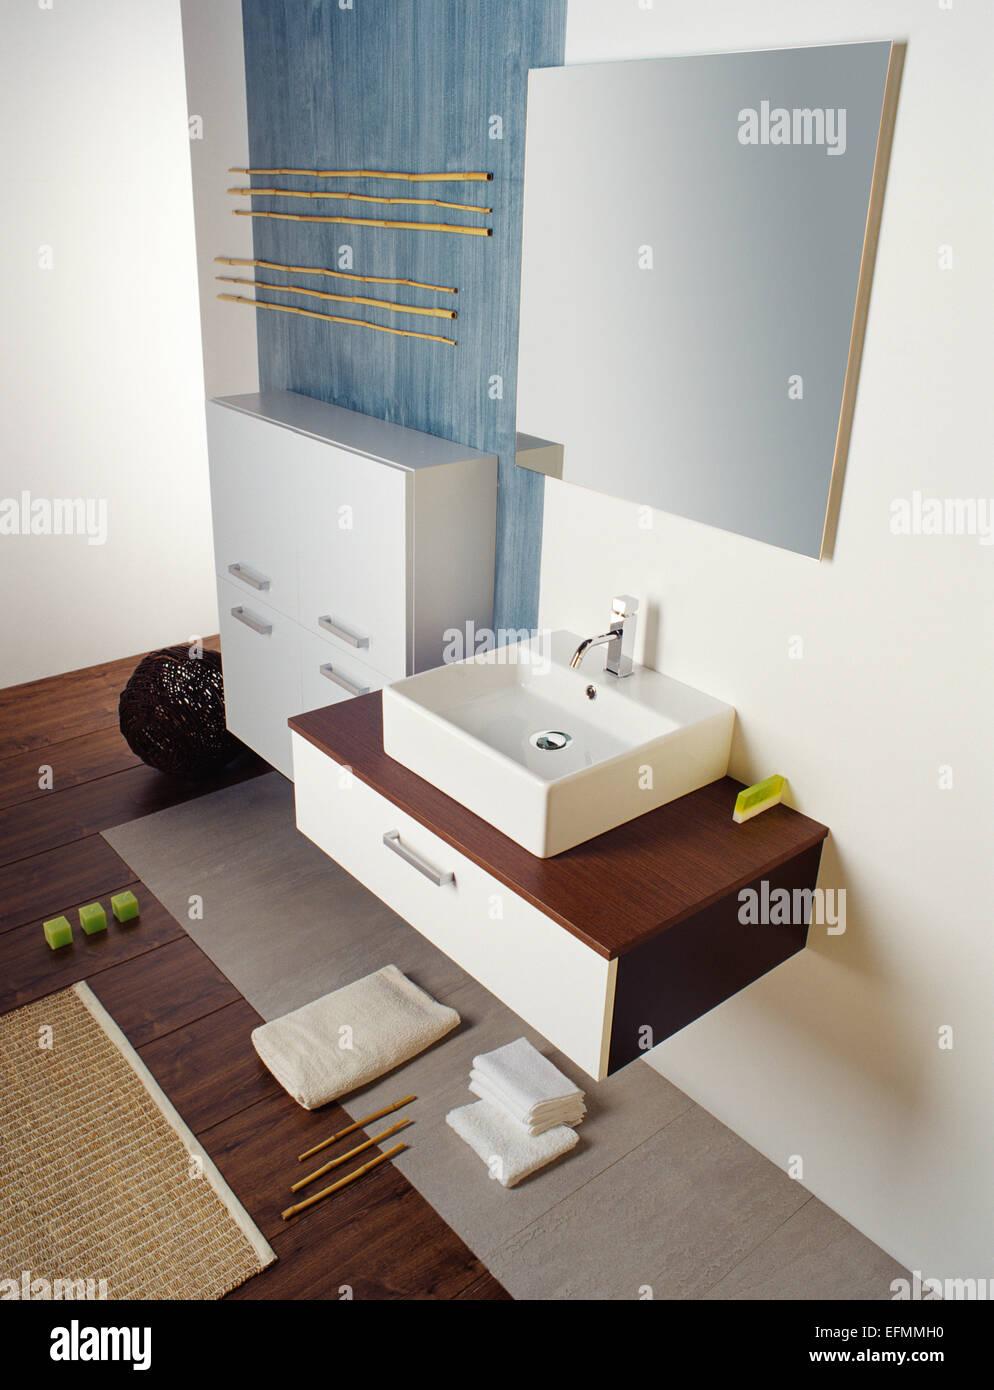 Armadietto Bagno Moderno una foto di una frizzante bagno moderno. include montato a